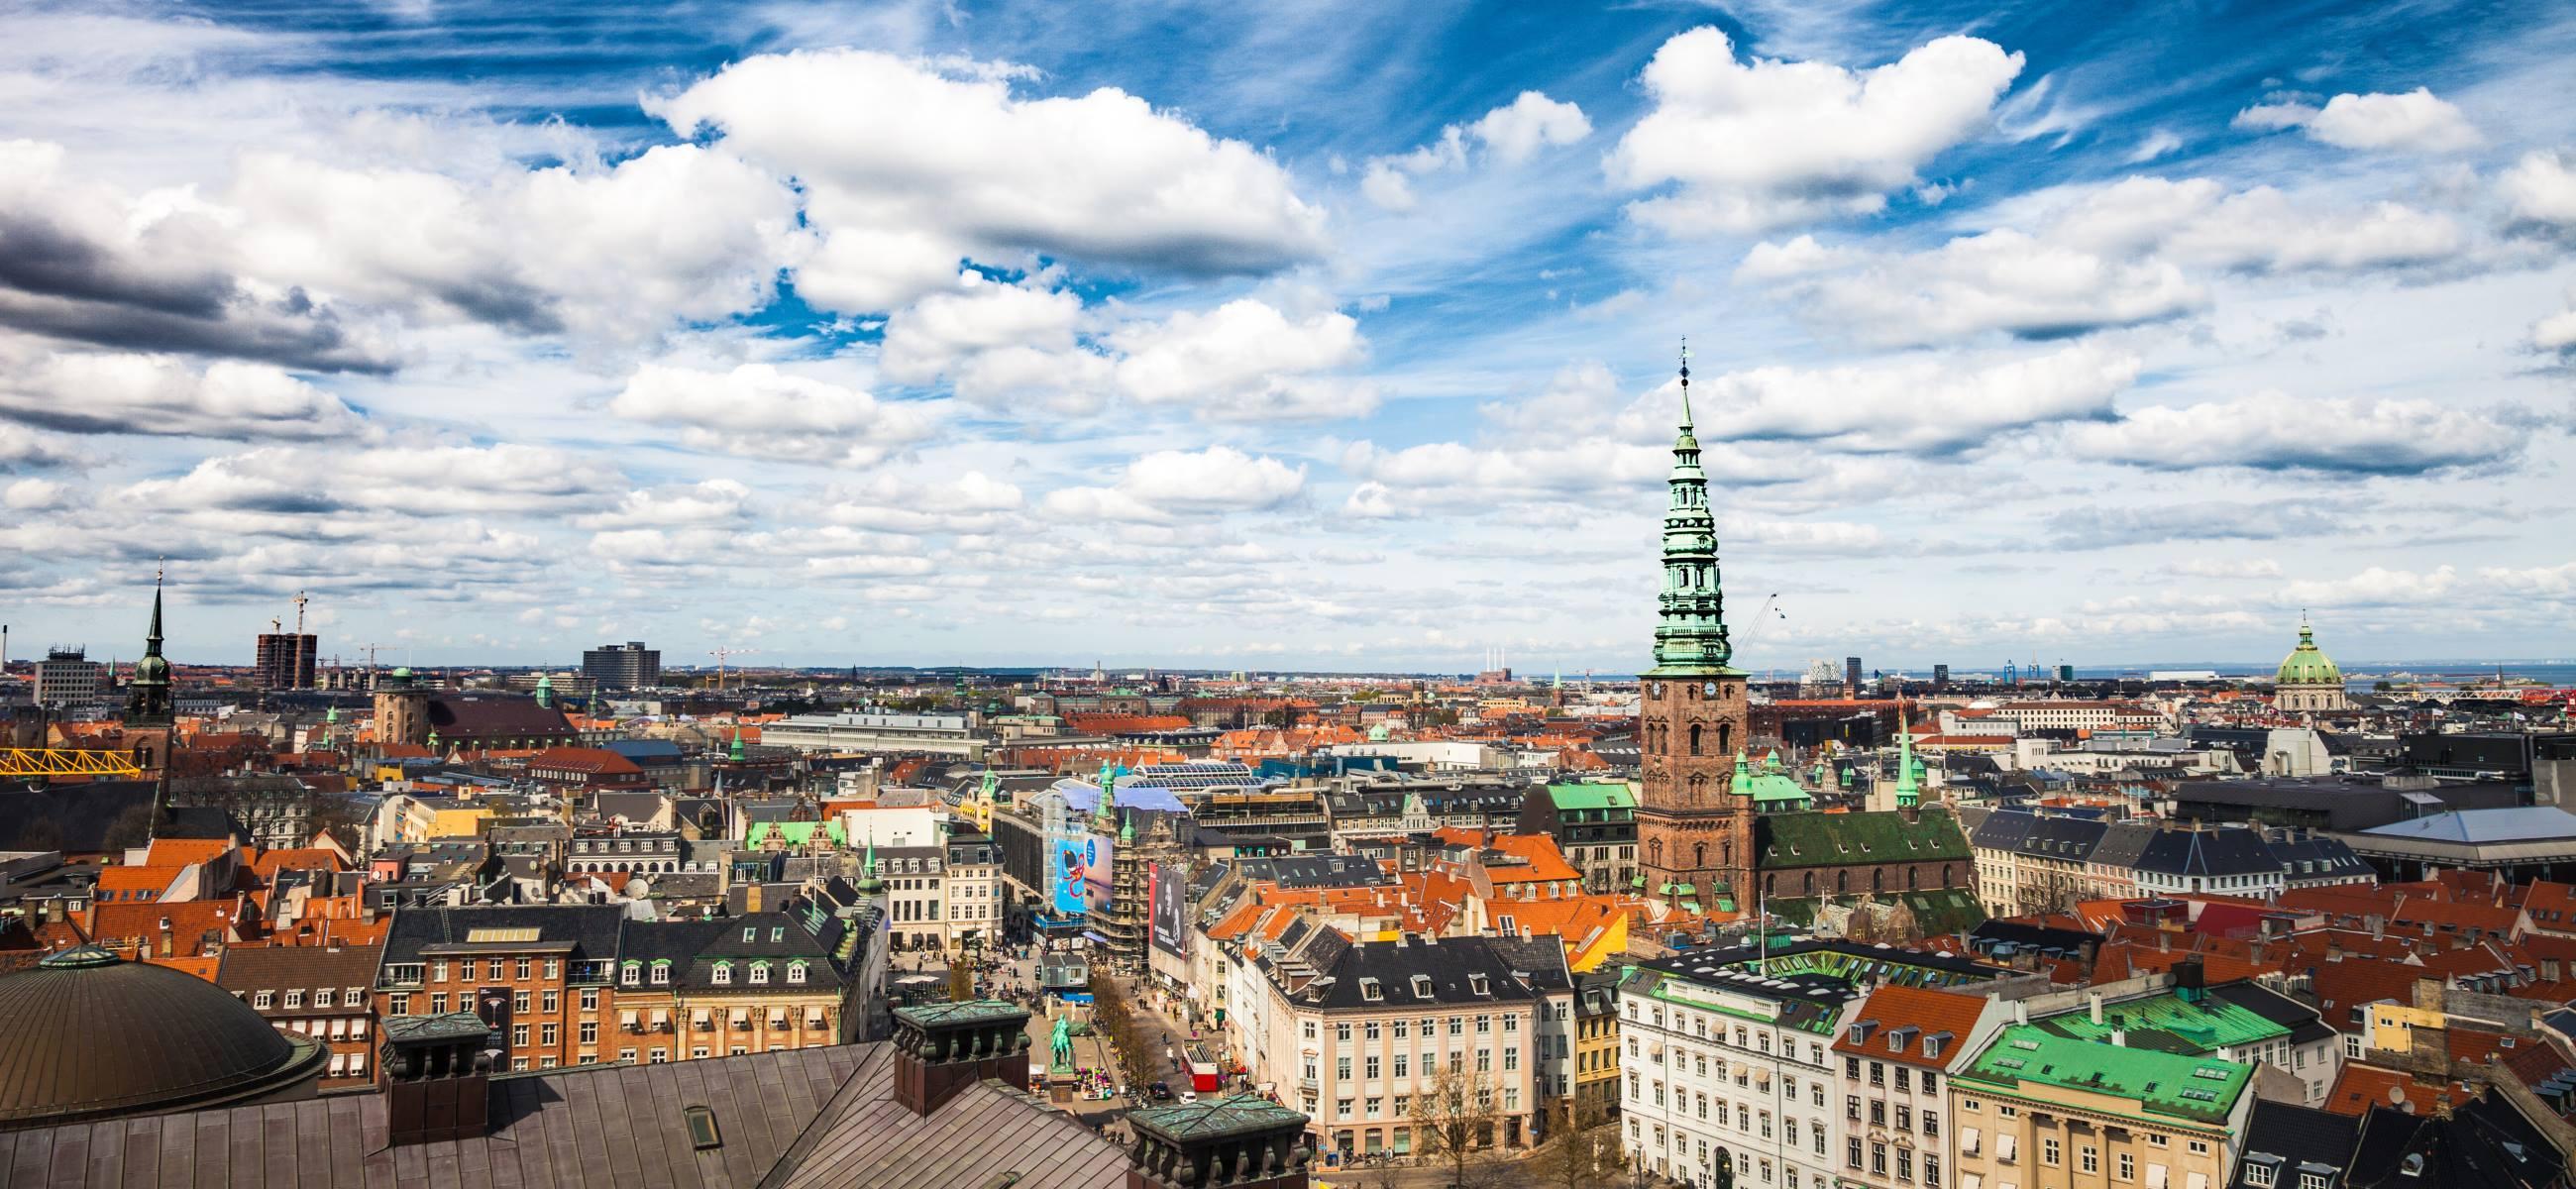 A-Day-in-Copenhagen